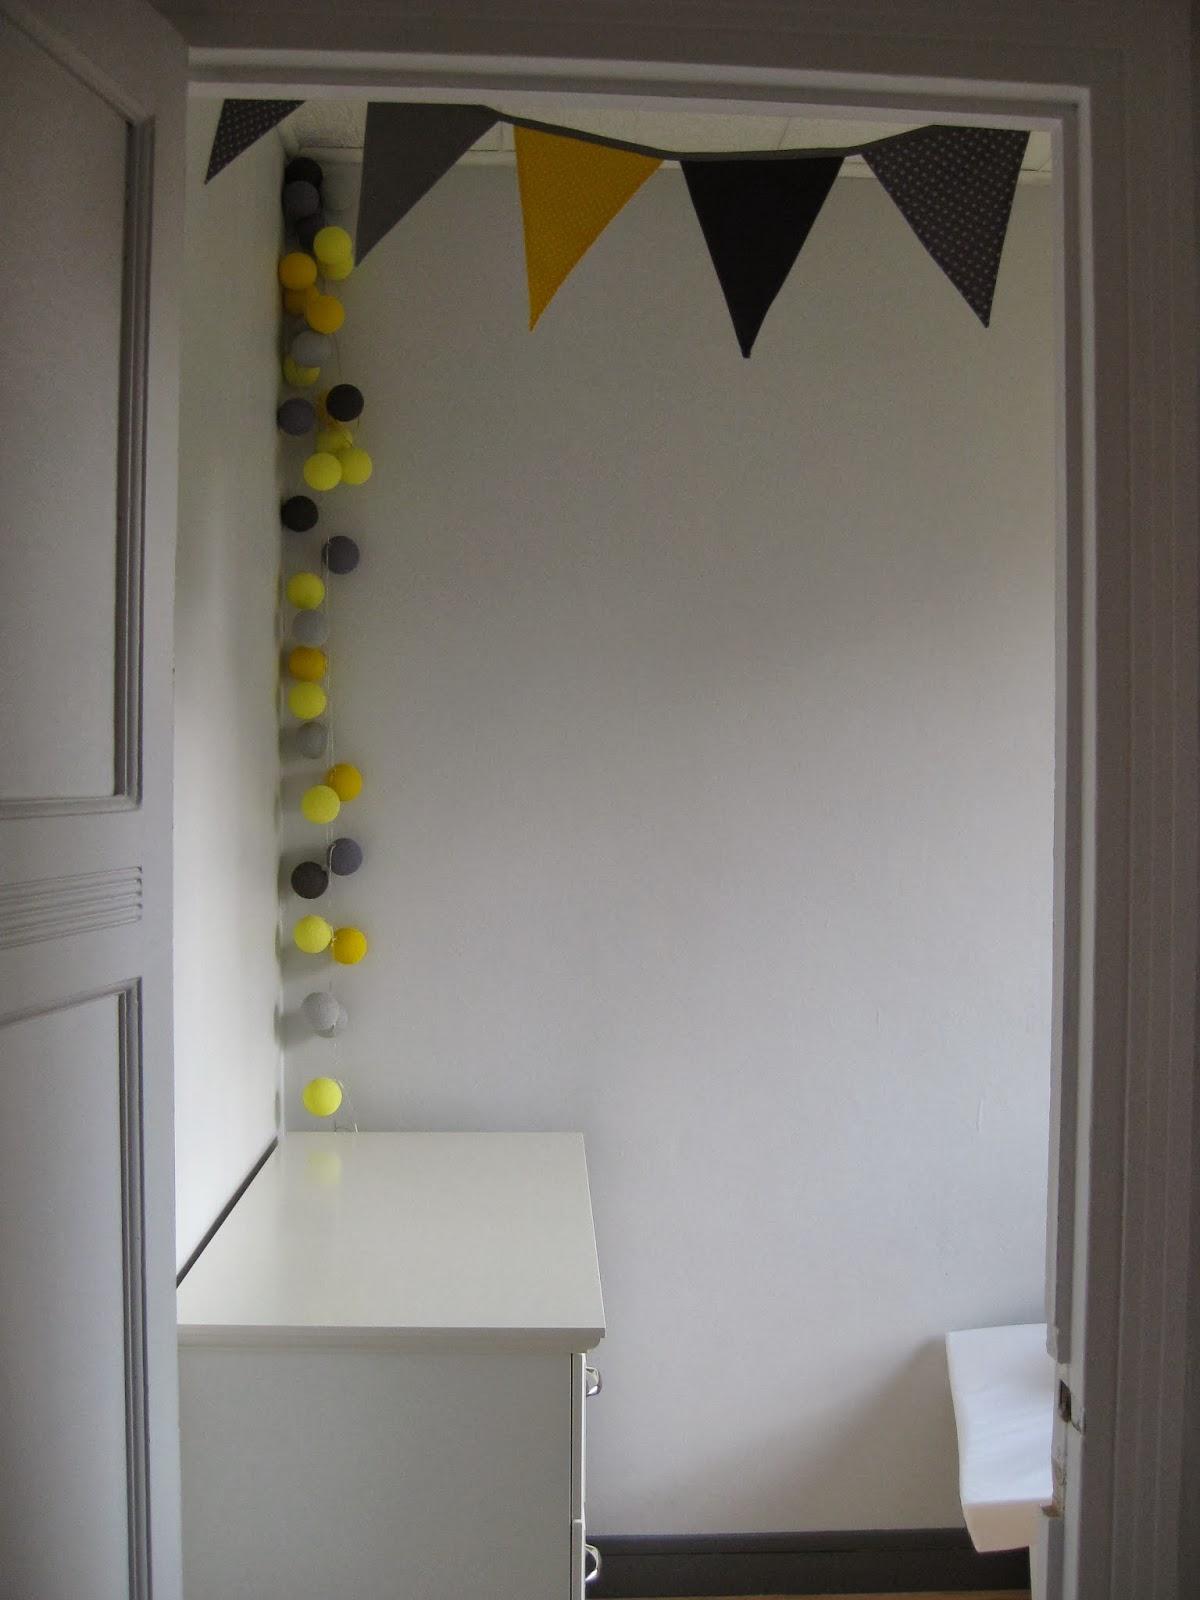 Chambre de bébé jaune et grise terminée !